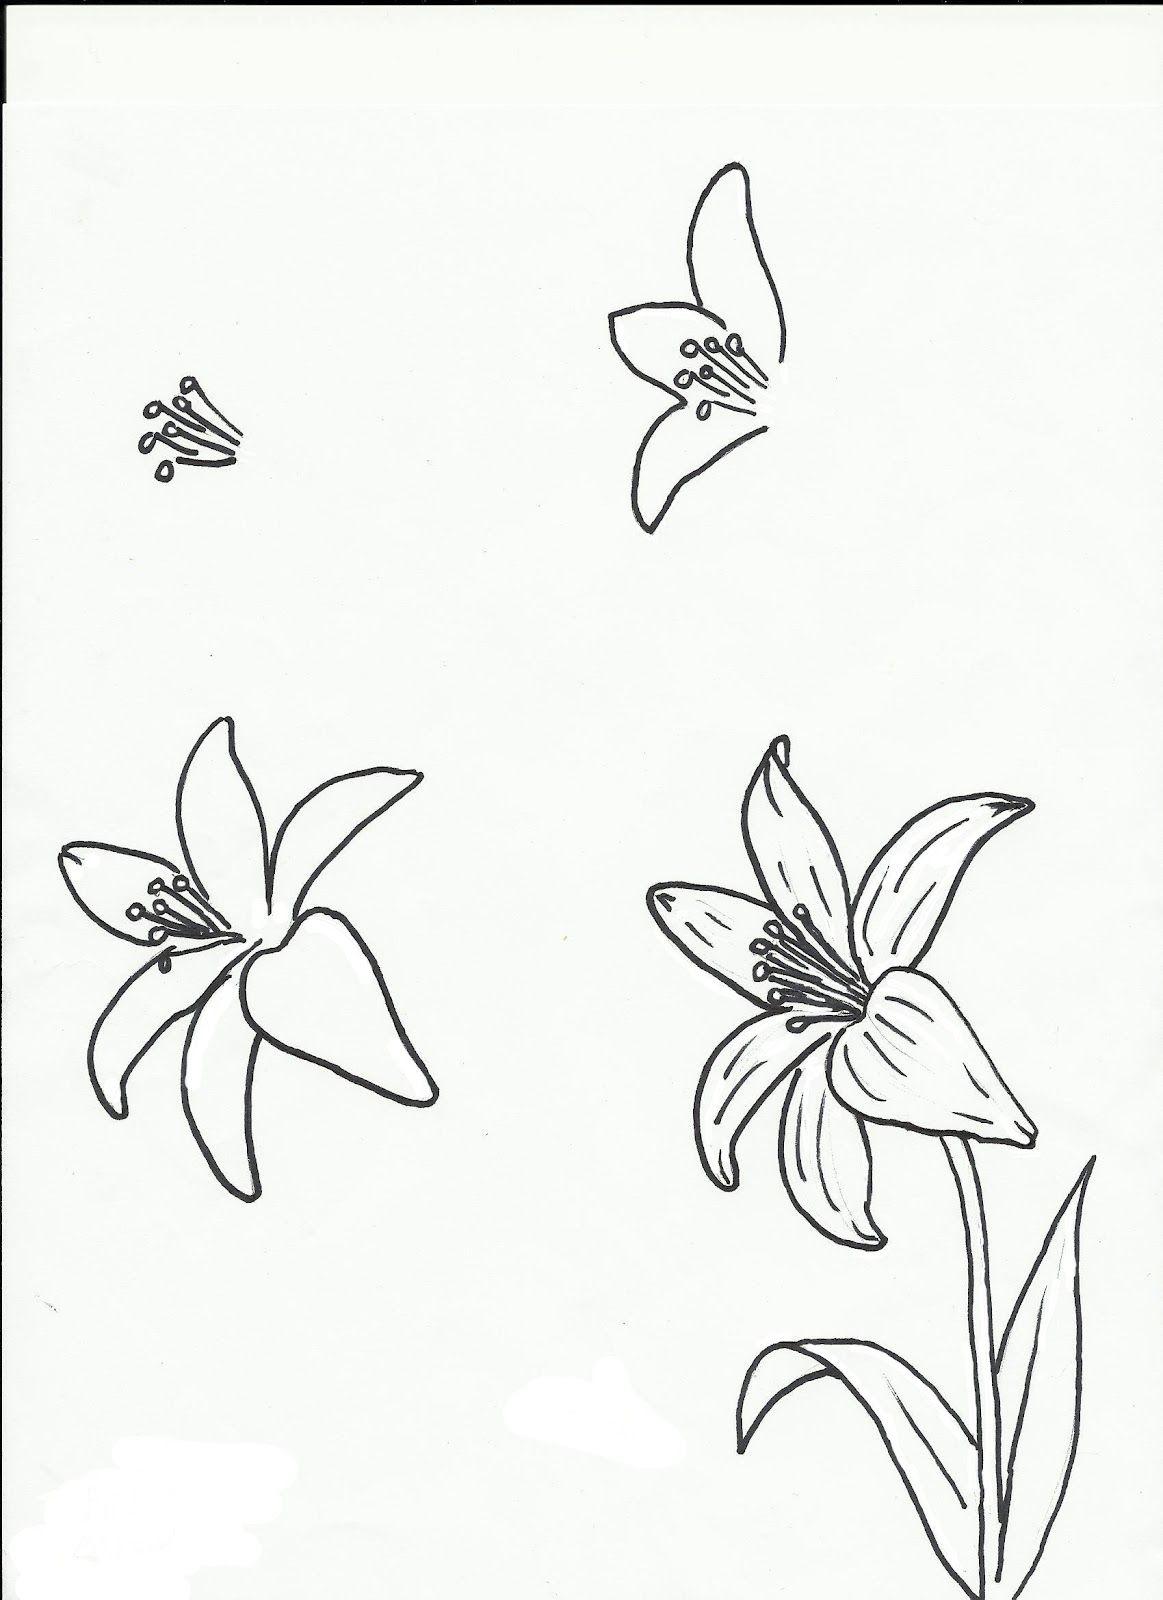 Art Class Ideas Flowers Flowers Flowers Flower Drawing Drawings Doodle Drawings